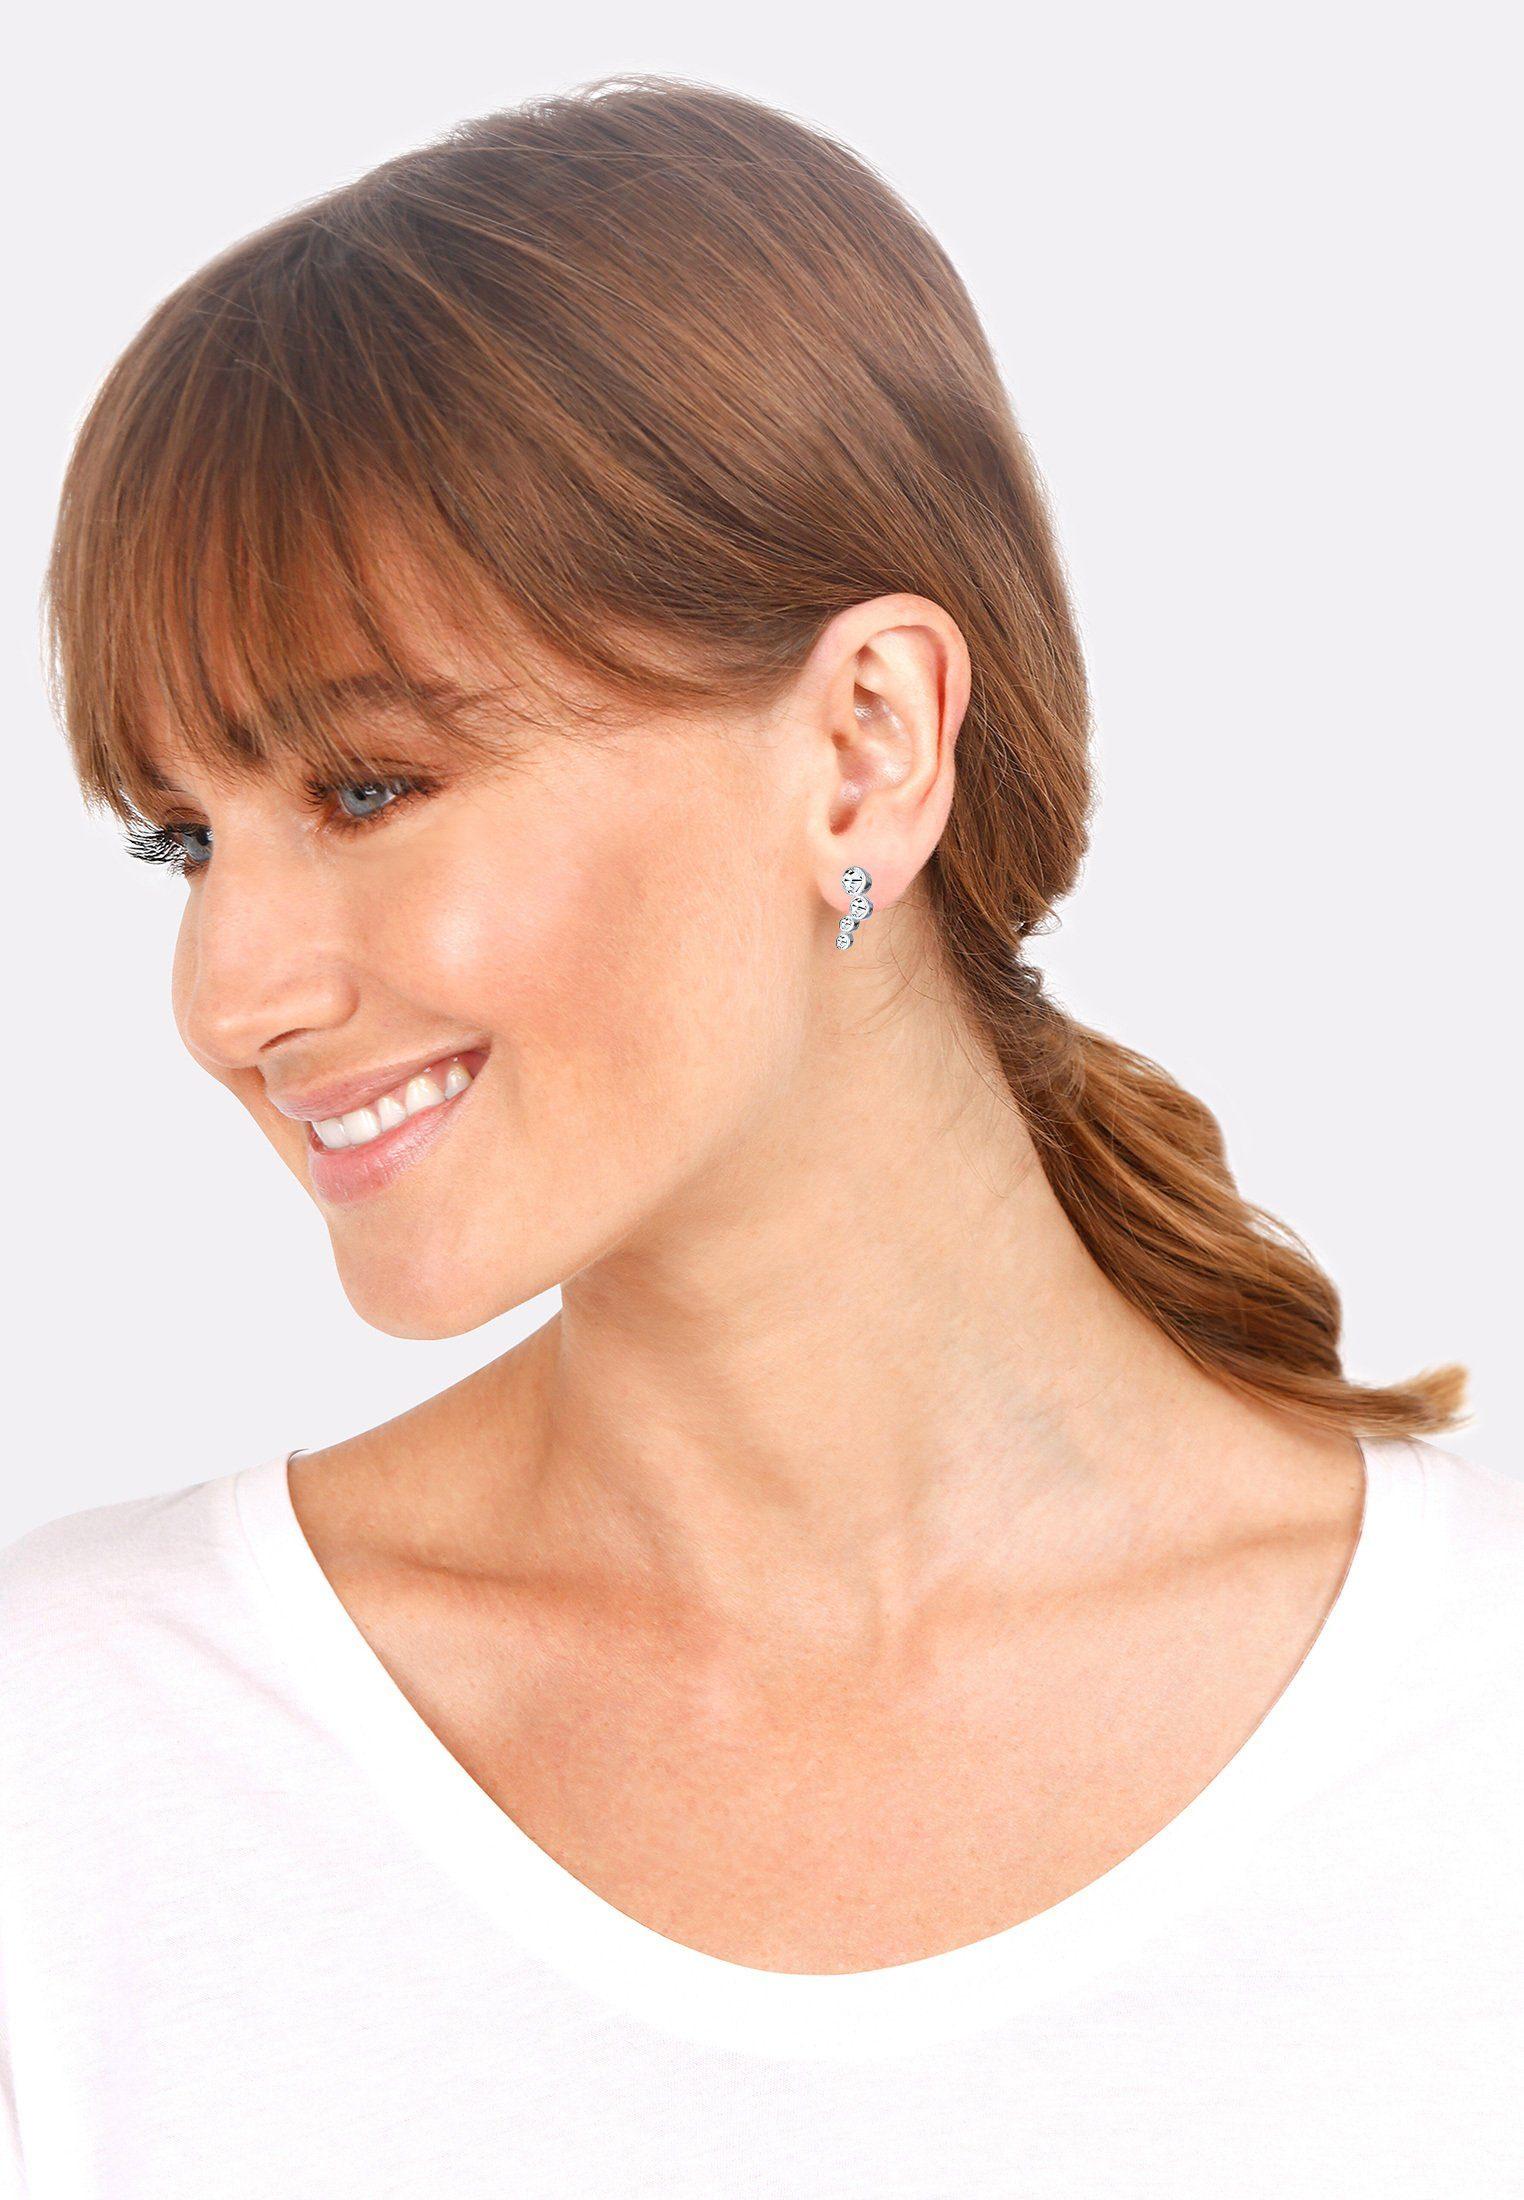 Elli Paar Ohrstecker Rund verspielt mit Swarovski® Kristalle 925 Silber online kaufen LqzMit